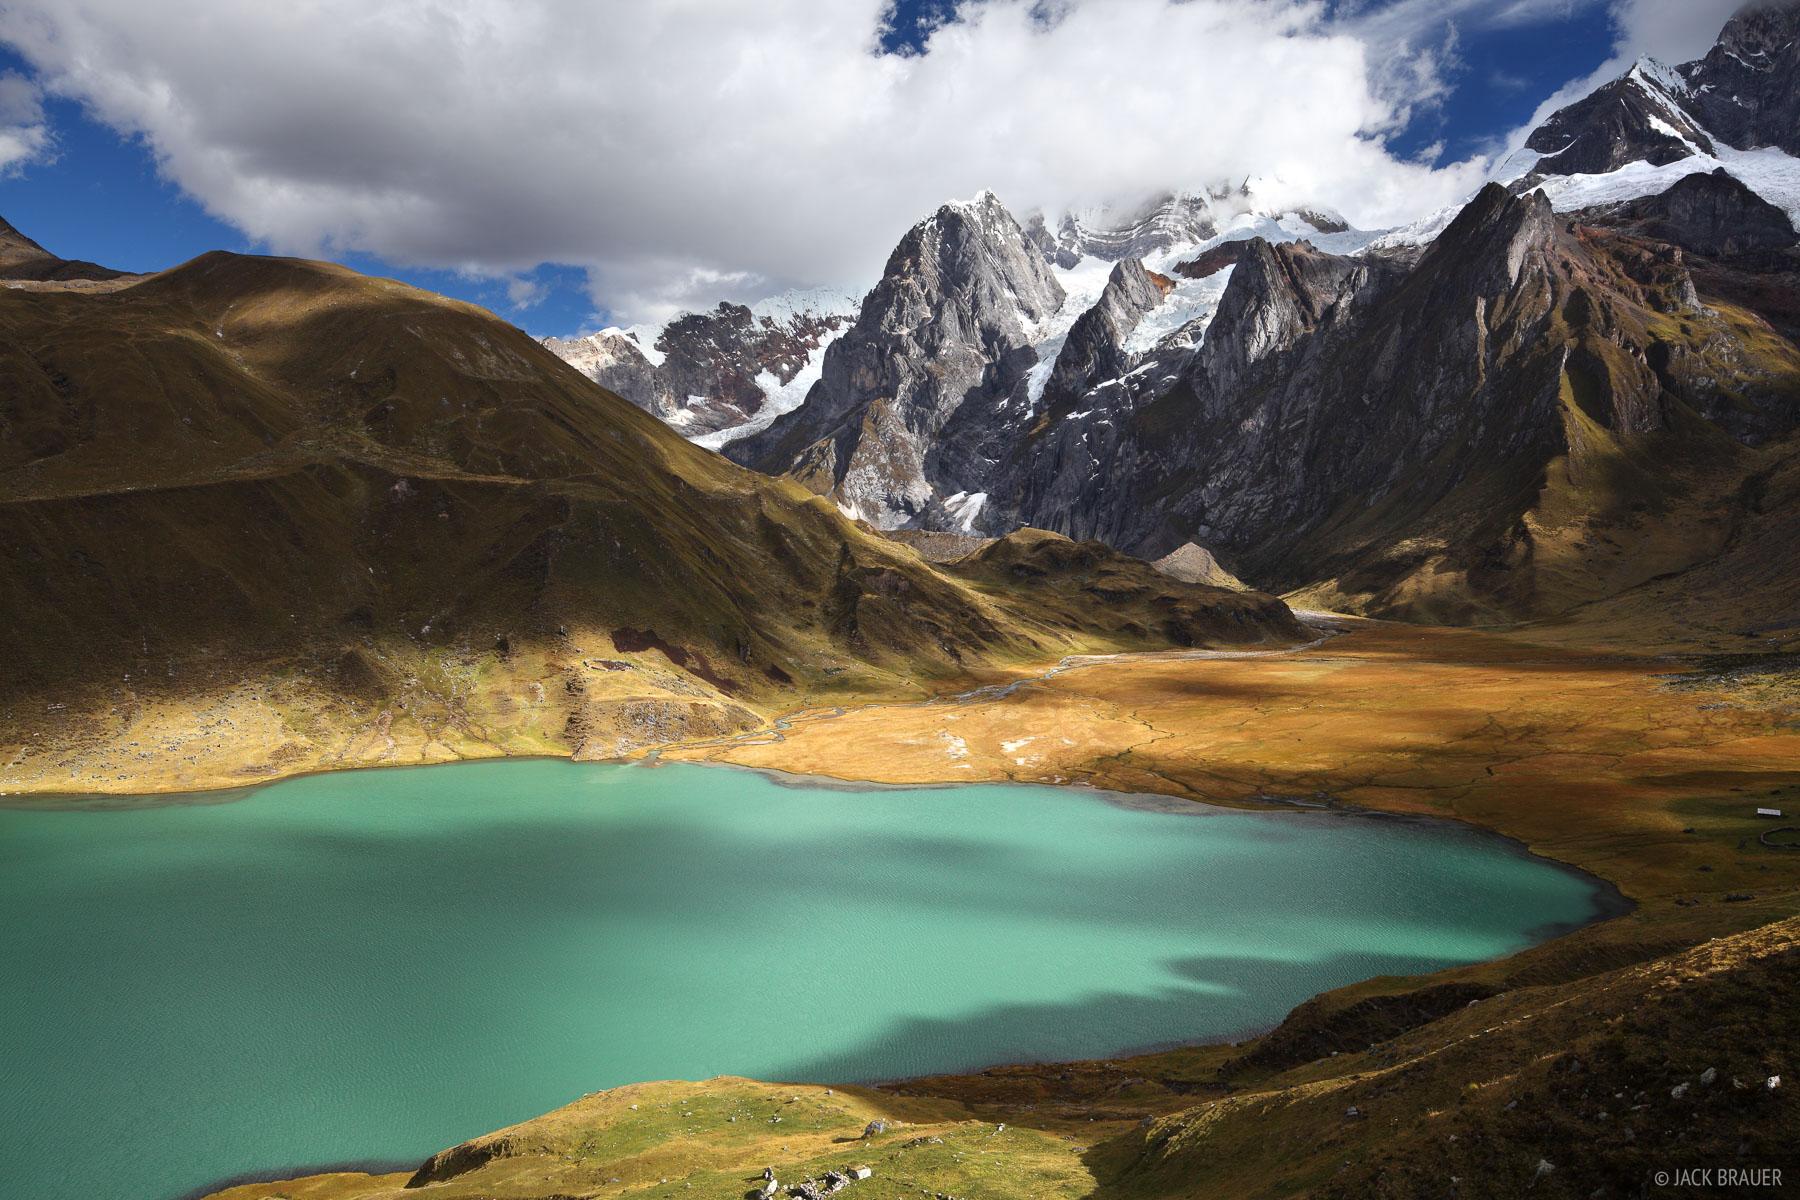 Cordillera Huayhuash, Peru, Laguna Carhuacocha, photo